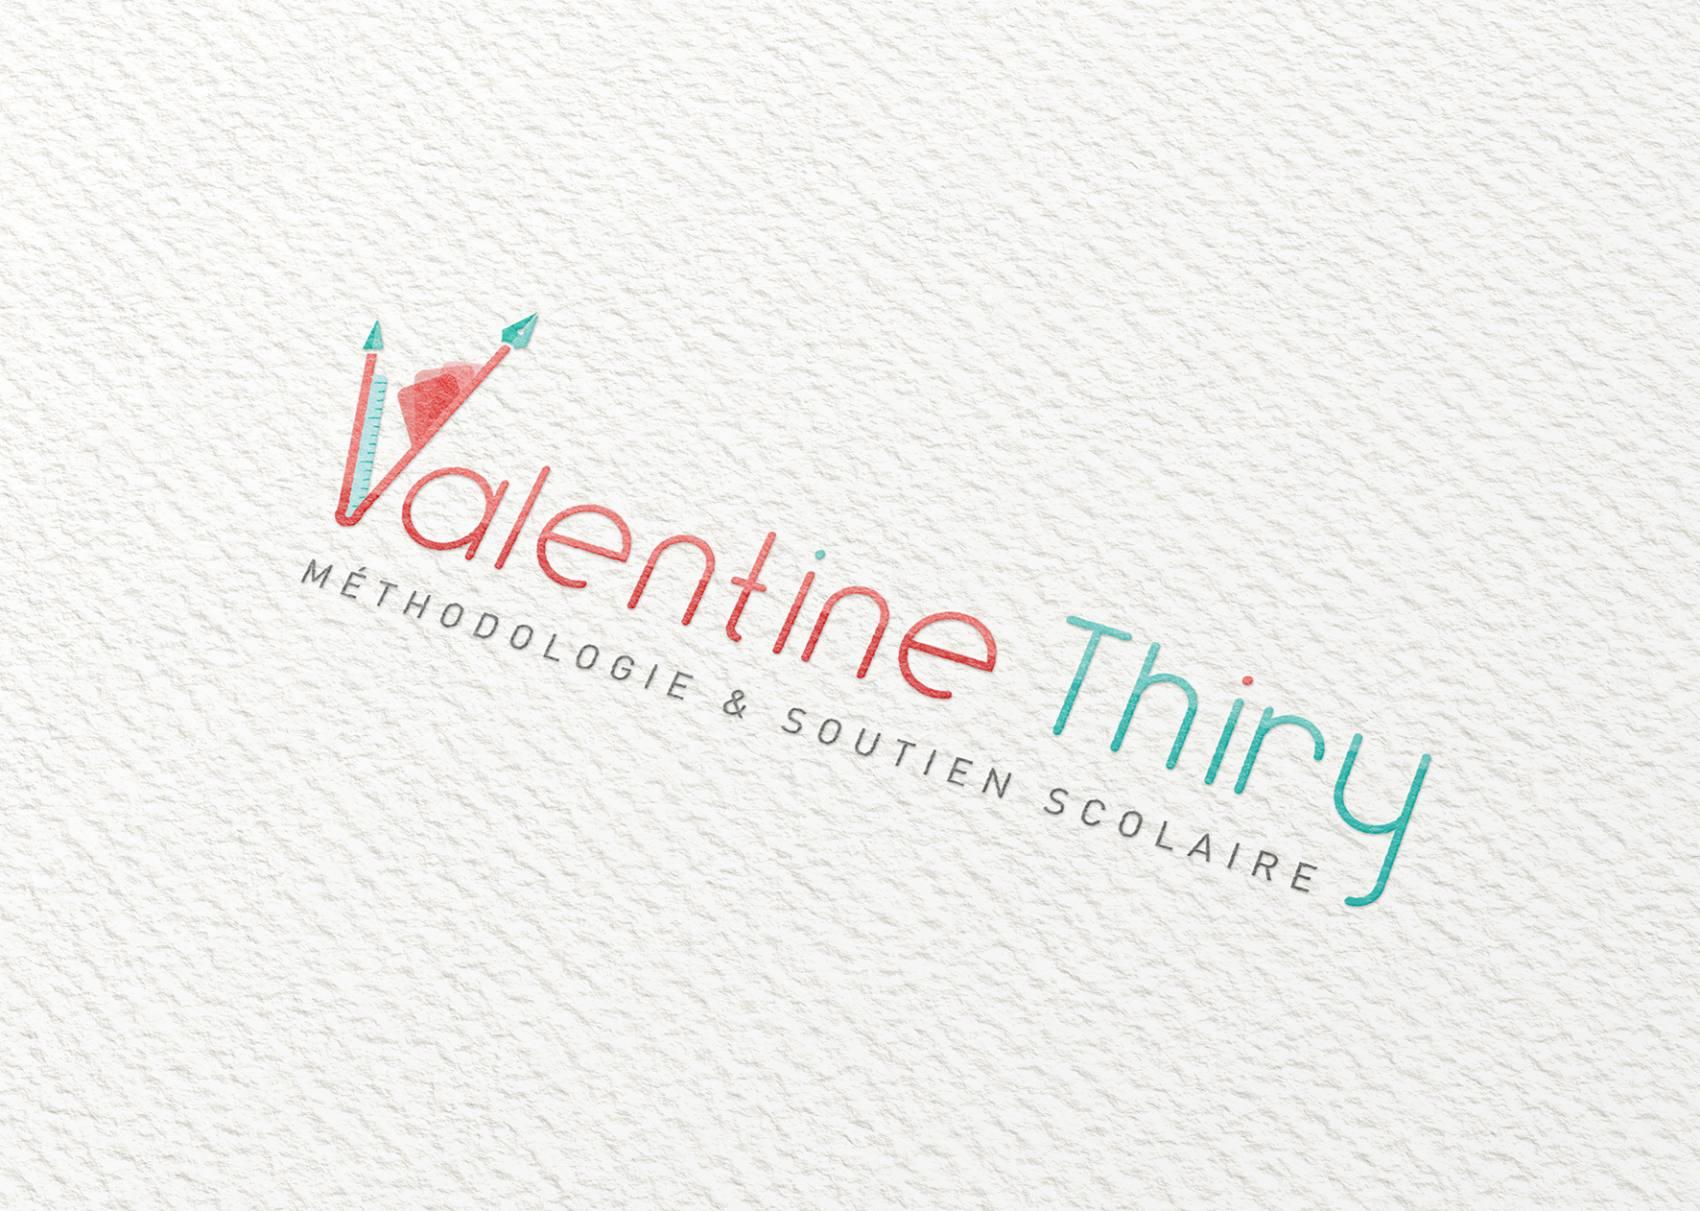 Valentine Thiry • Méthodologie et soutien scolaire